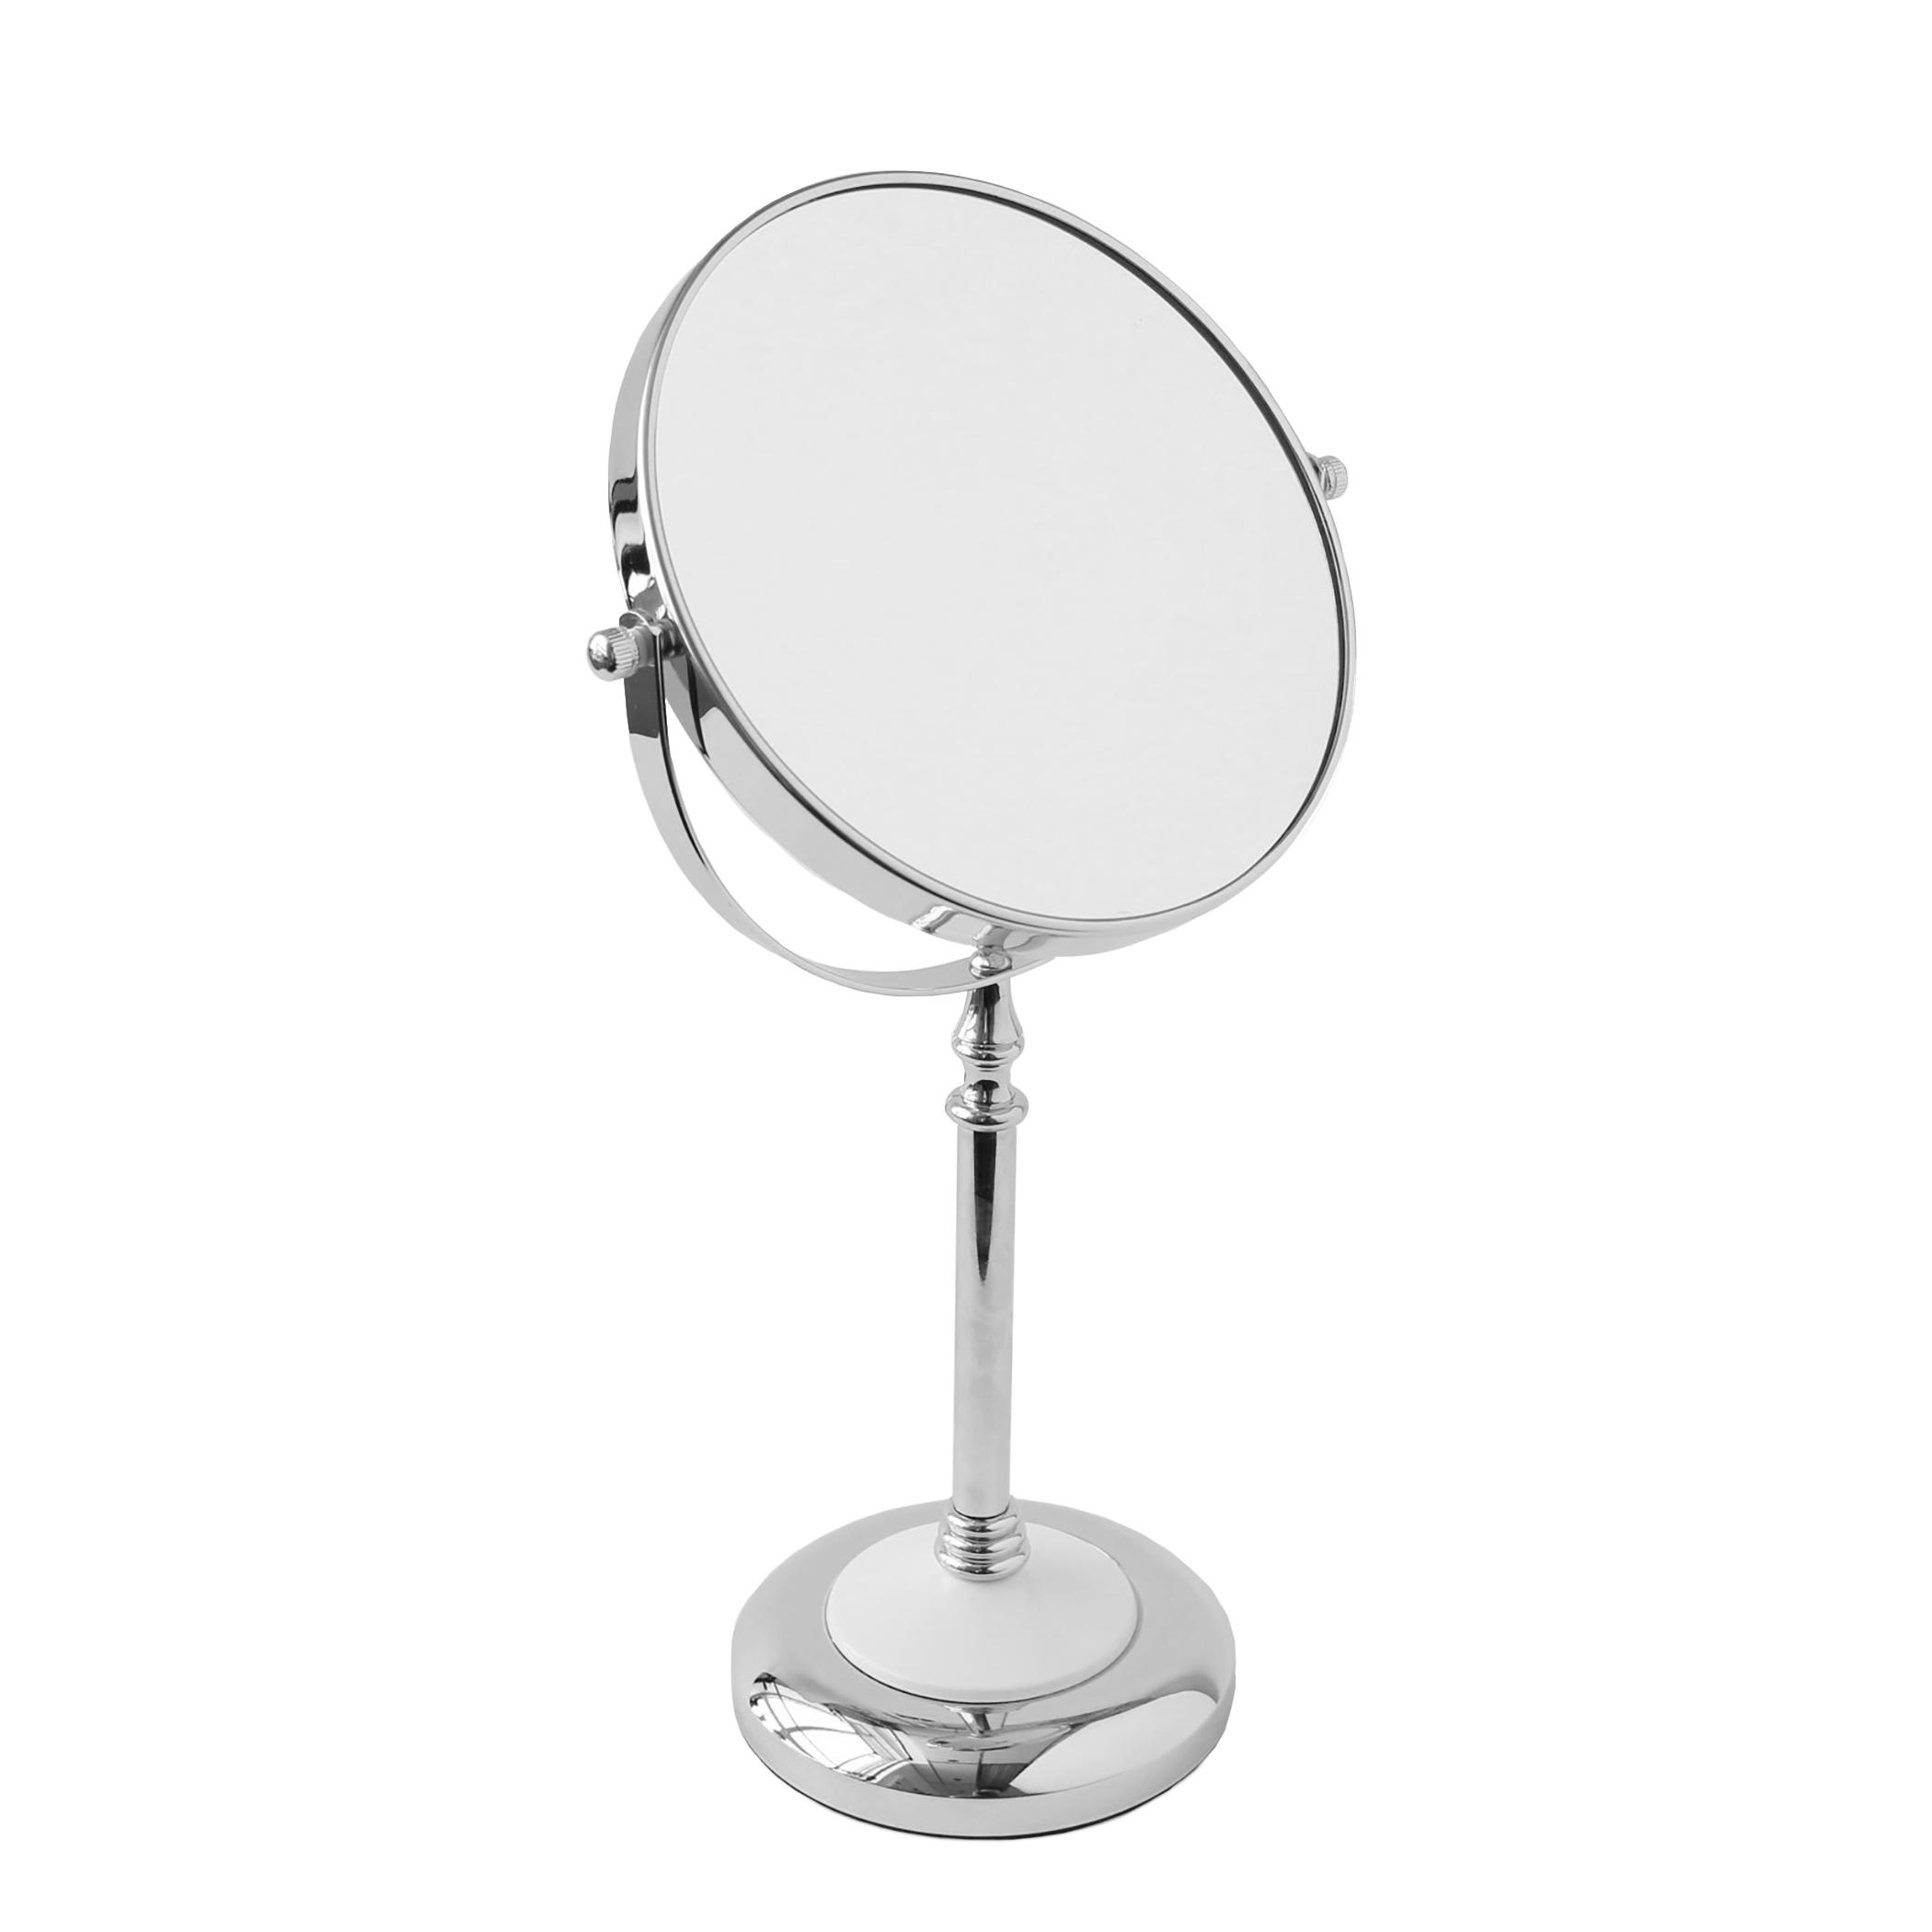 Miroirs - Explorez notre collection de miroirs incontournables.